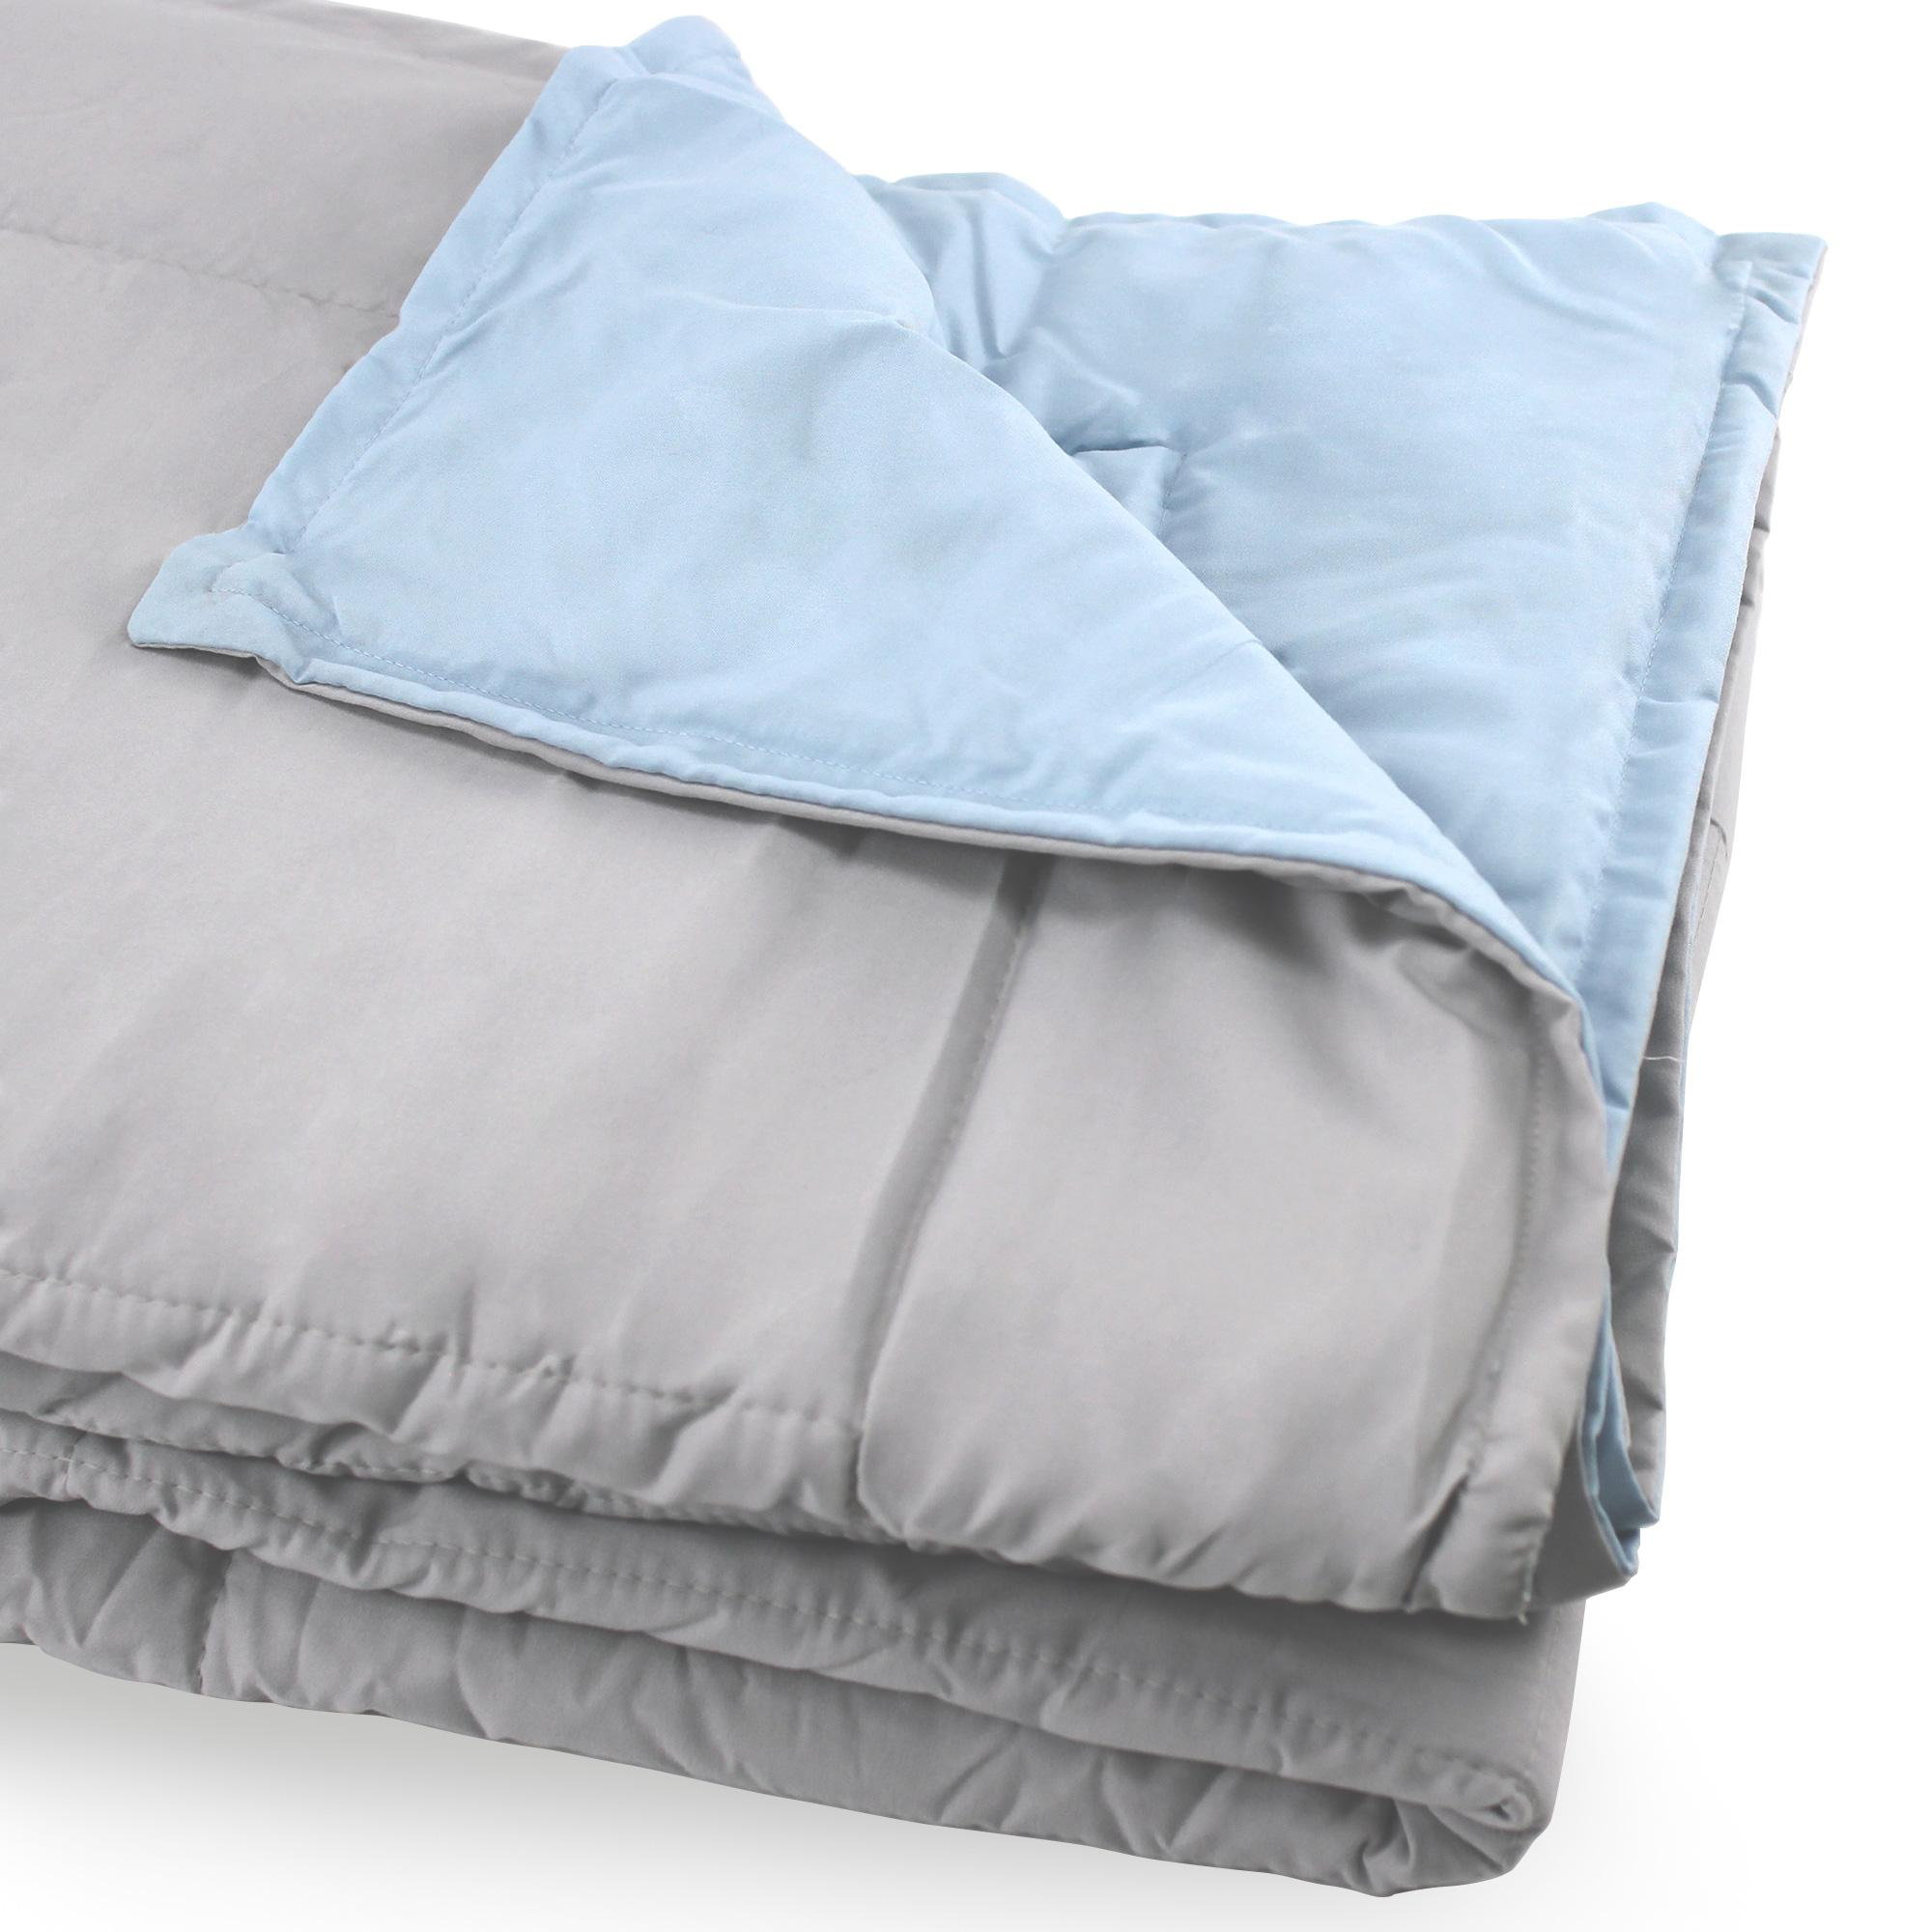 dessus de lit bicolore frisbee 240x260 cm perle bleu glacier linnea linge de maison et. Black Bedroom Furniture Sets. Home Design Ideas